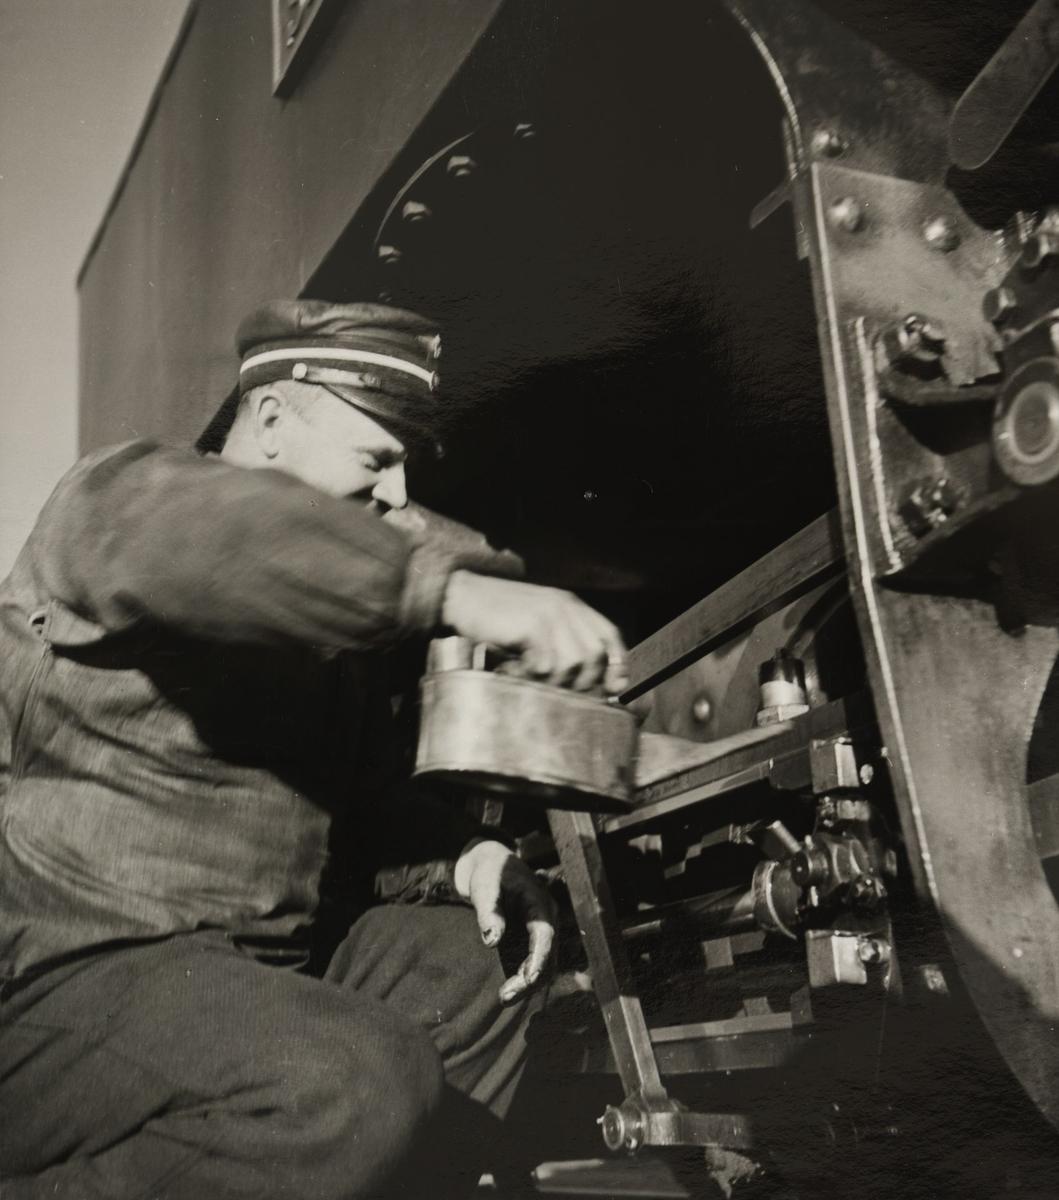 Lokomotivfører Syprian Aarstad smører gangtøyet på lokomotivet.